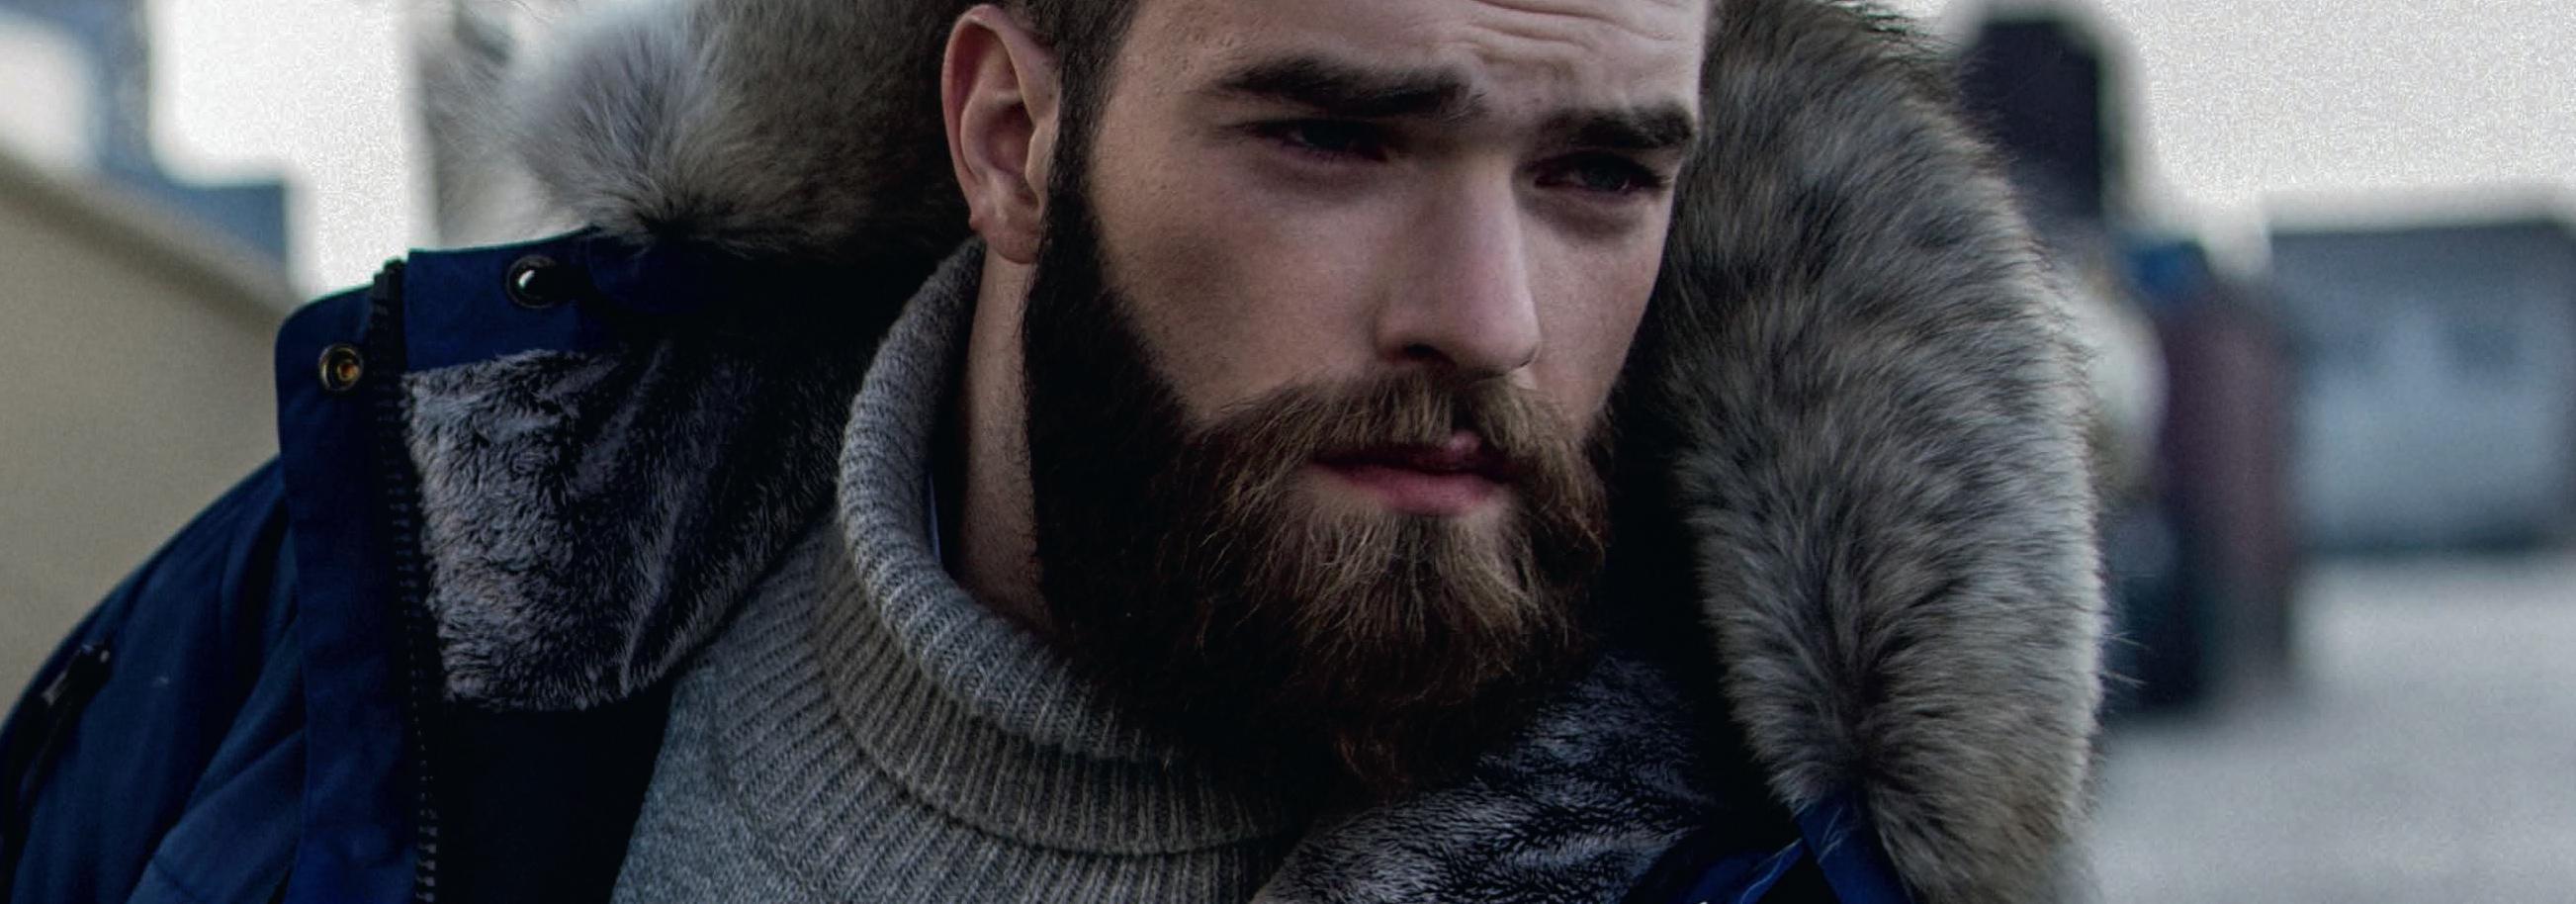 30eaf8e3d0e99 Купить мужские пуховики и утепленные куртки от 999 руб. в ...